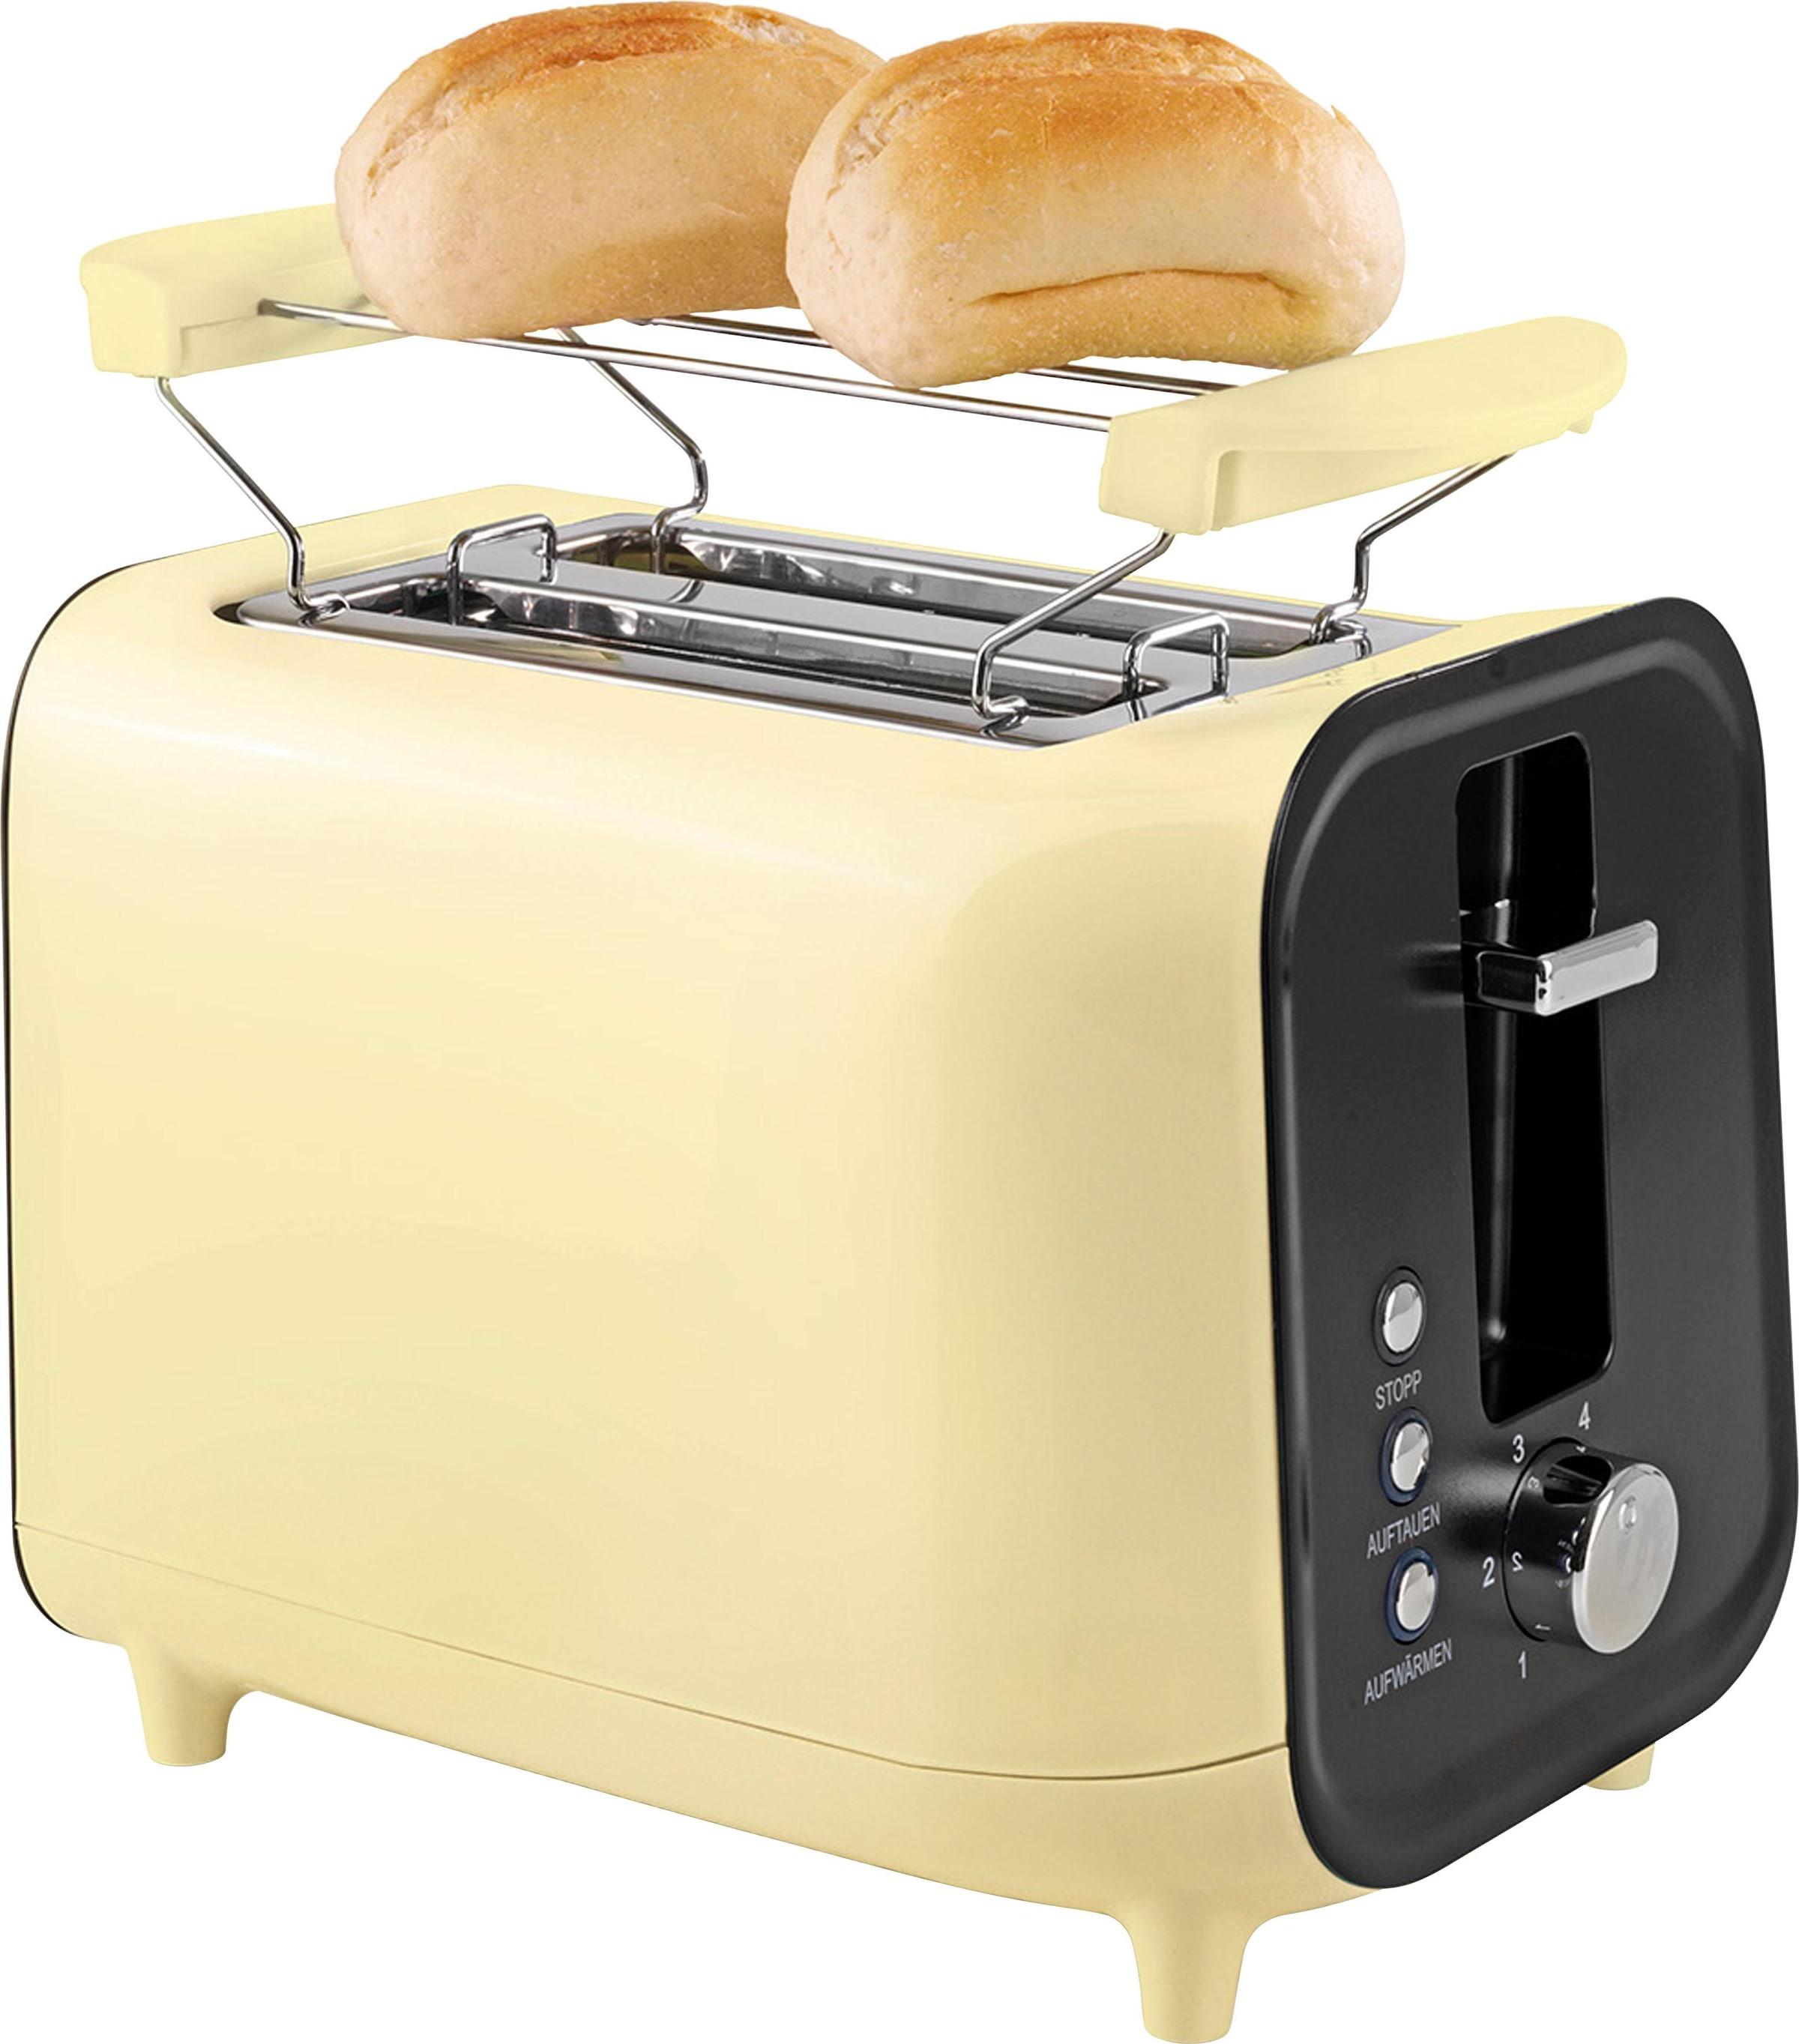 Retro toaster kauf auf rechnung baur